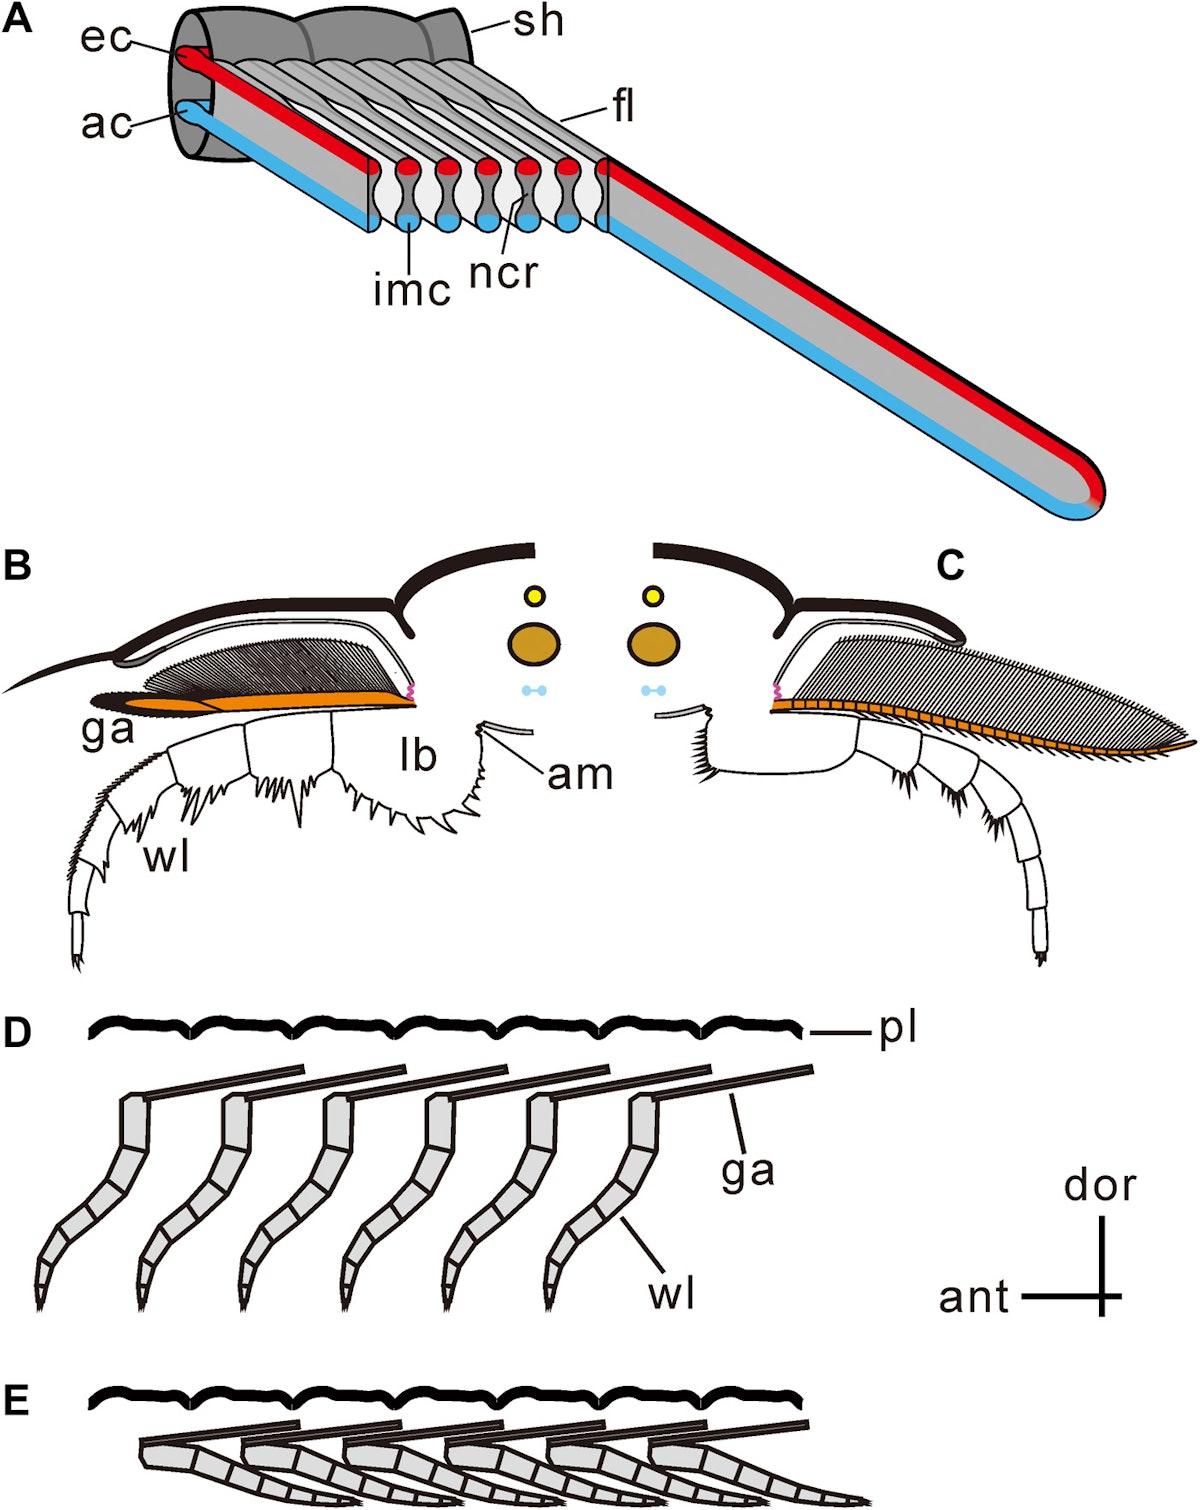 صورة حاسوبية تظهر مقاطع مرسومة للحفرية توضح الزوائد التي استخدمها الكائن القديم في التنفس والموزعة على كامل الساق - sciadv